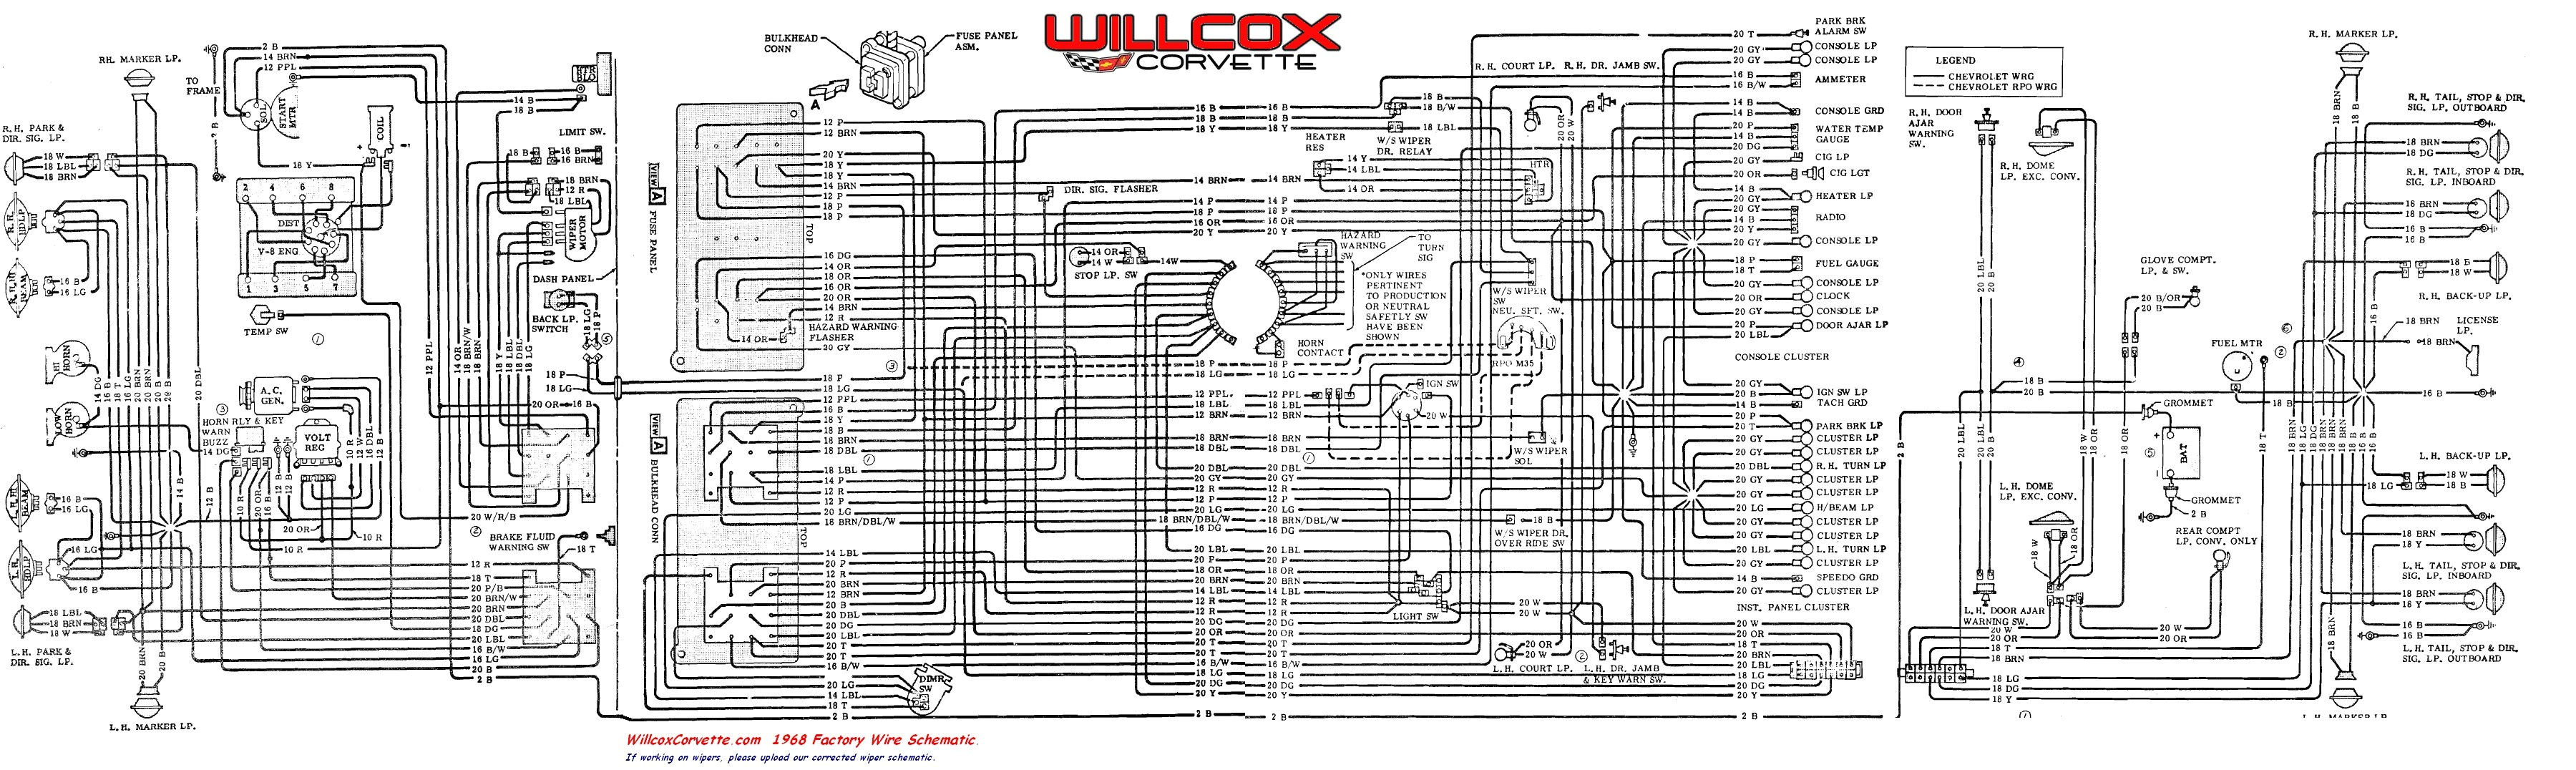 ria 87 corvette diagram wiring diagram page ria 87 corvette diagram